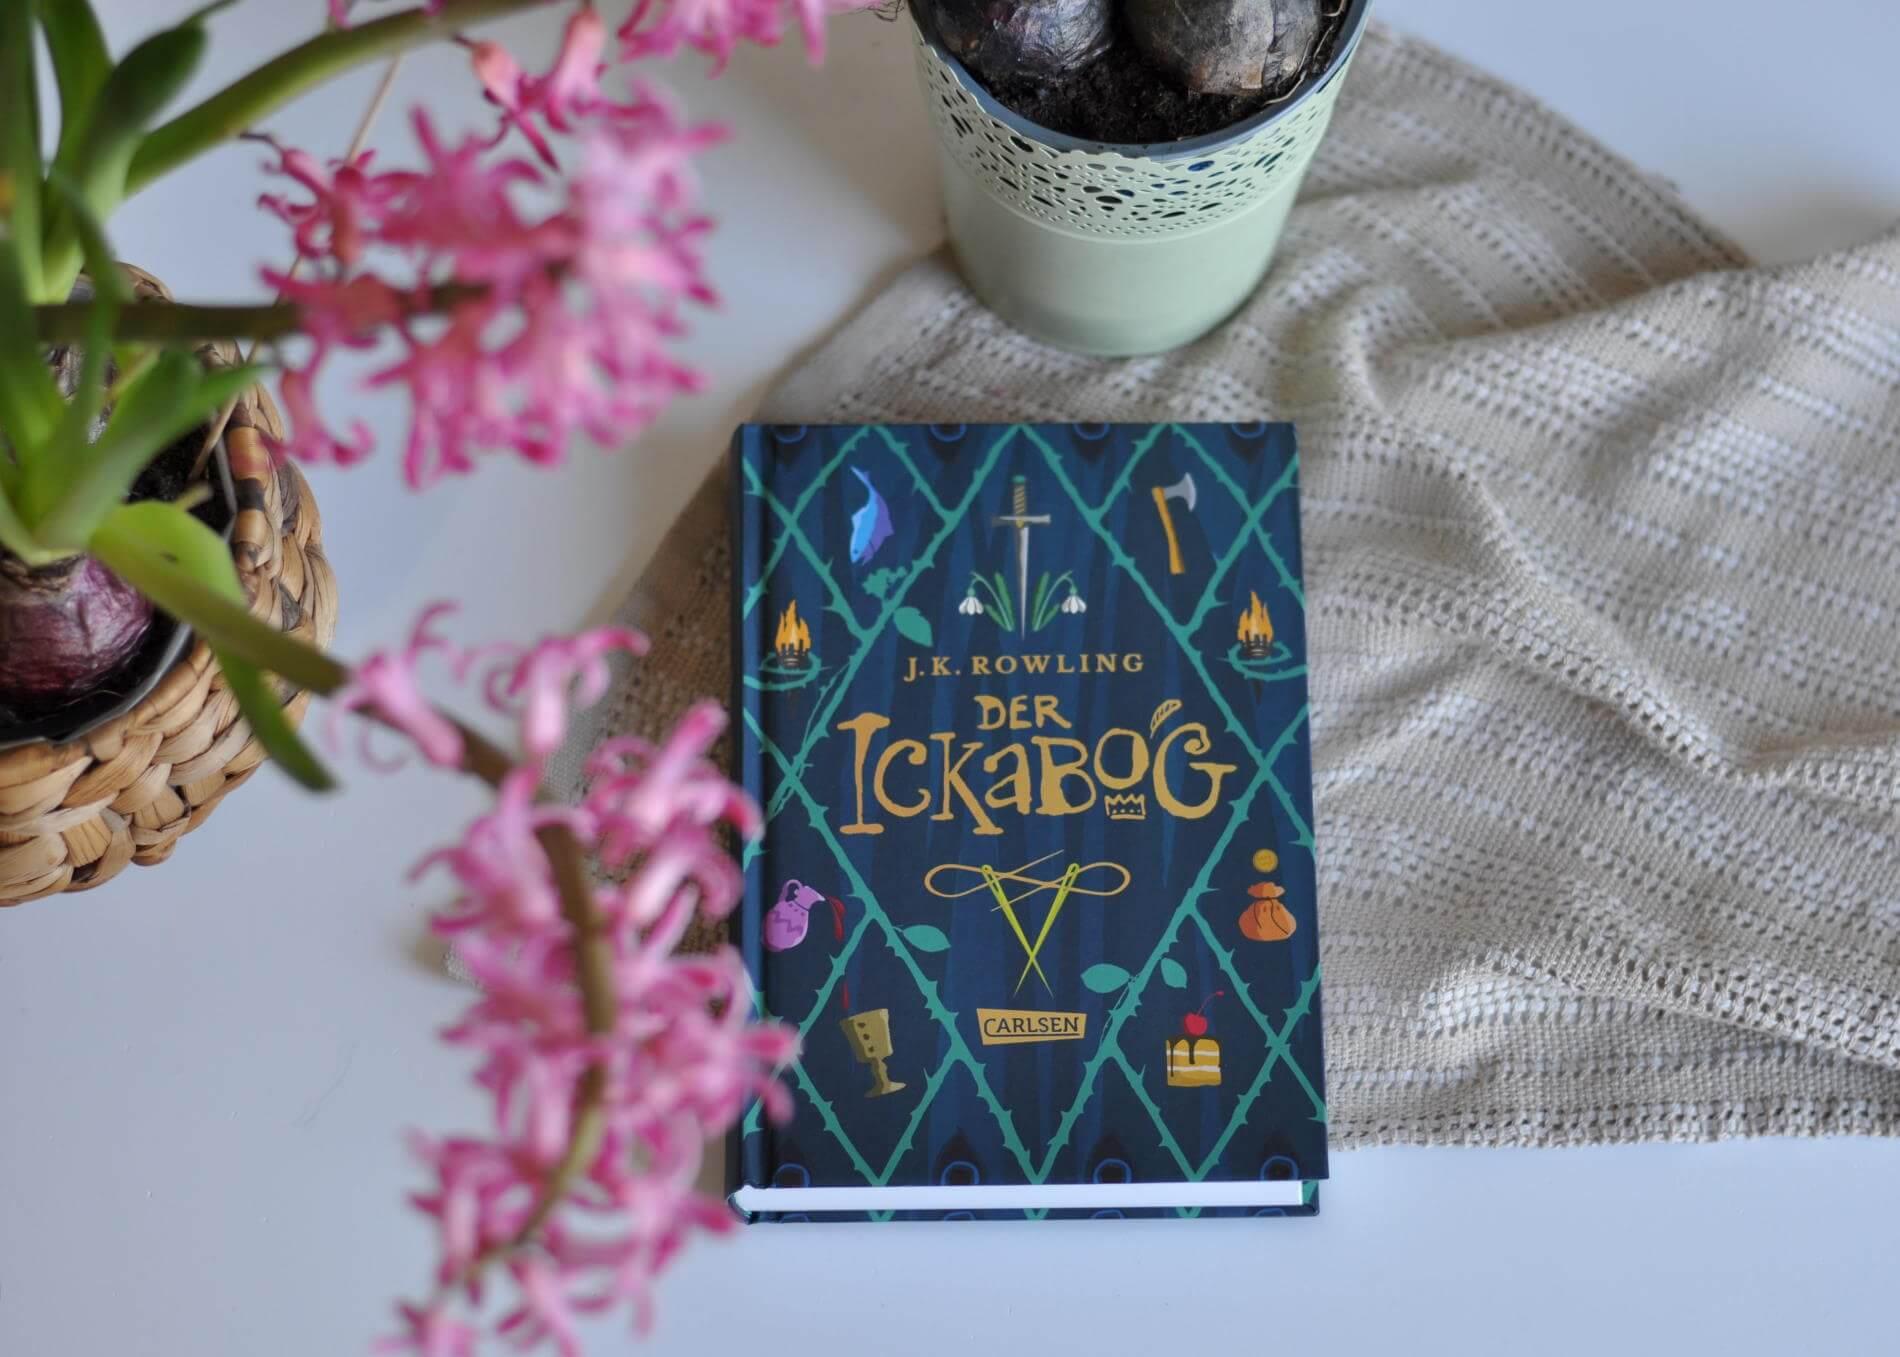 Im letzten Jahr hat J. K. Rowling ein altes Manuskript aus der Schublade gezogen und mit der kostenlosen Veröffentlichung vielen Kindern den ersten Lockdown im letzten Jahr versüßt. Hand in Hand ging die Aktion mit einem Malwettbewerb aus dem - taaadaaa - nun dieses wunderschöne Buch mit 34 ausgewählten Kinder-Illustrationen entstanden ist. #ickabog #rowling #harrypotter #märchen #kinderbuch #freundschaft #hoffnung #ungeheuer #vorurteile #lügen